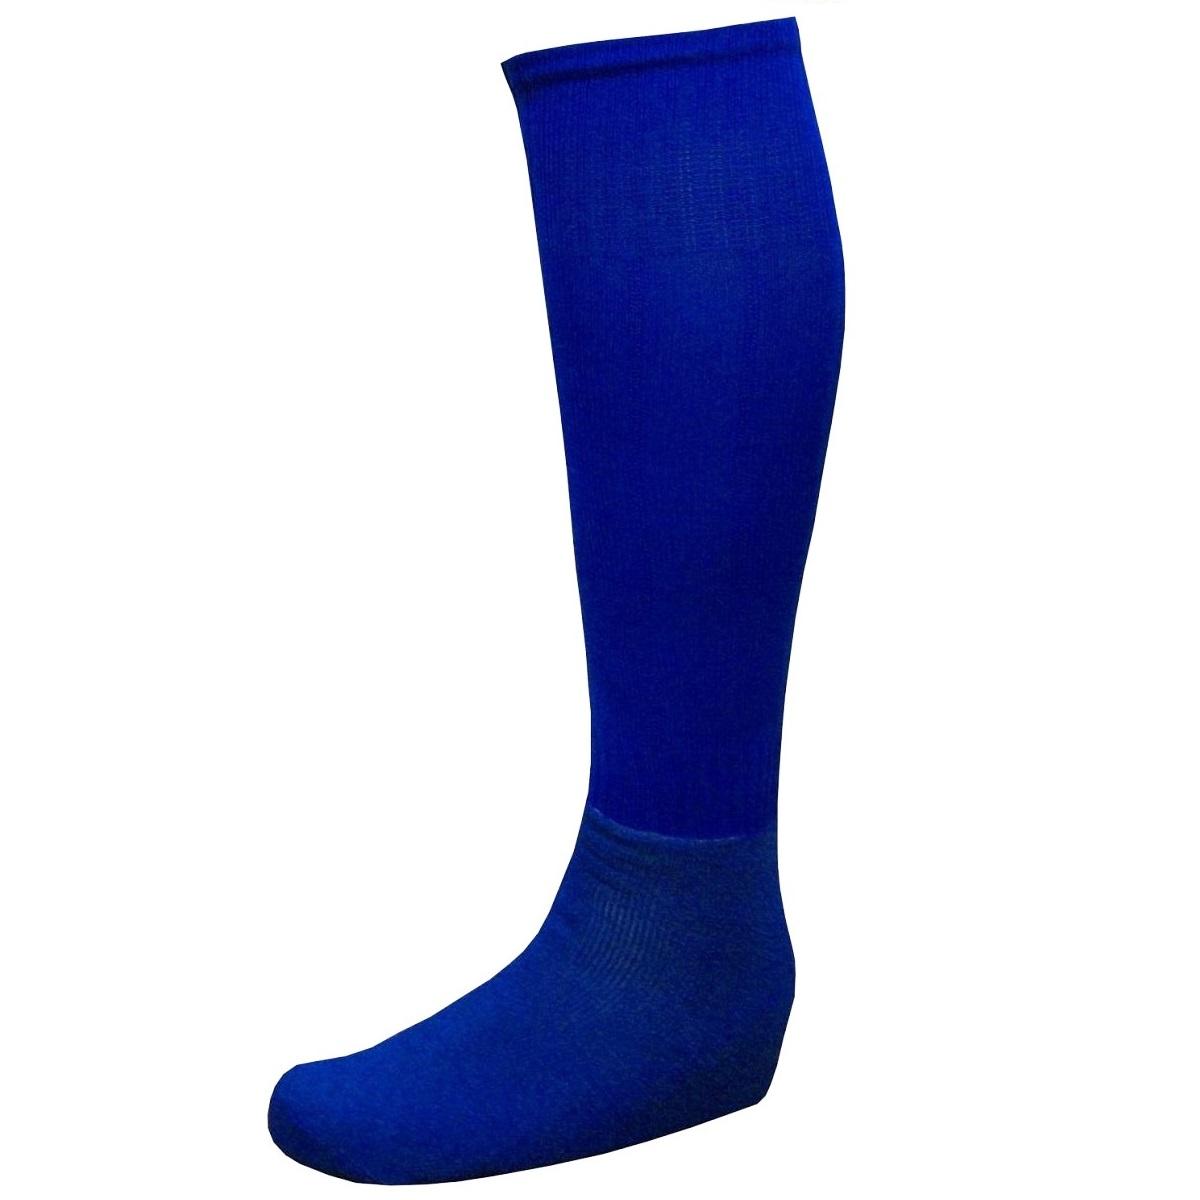 Kit com 15 Meiões de Futebol Profissional na Cor Azul - Delfia